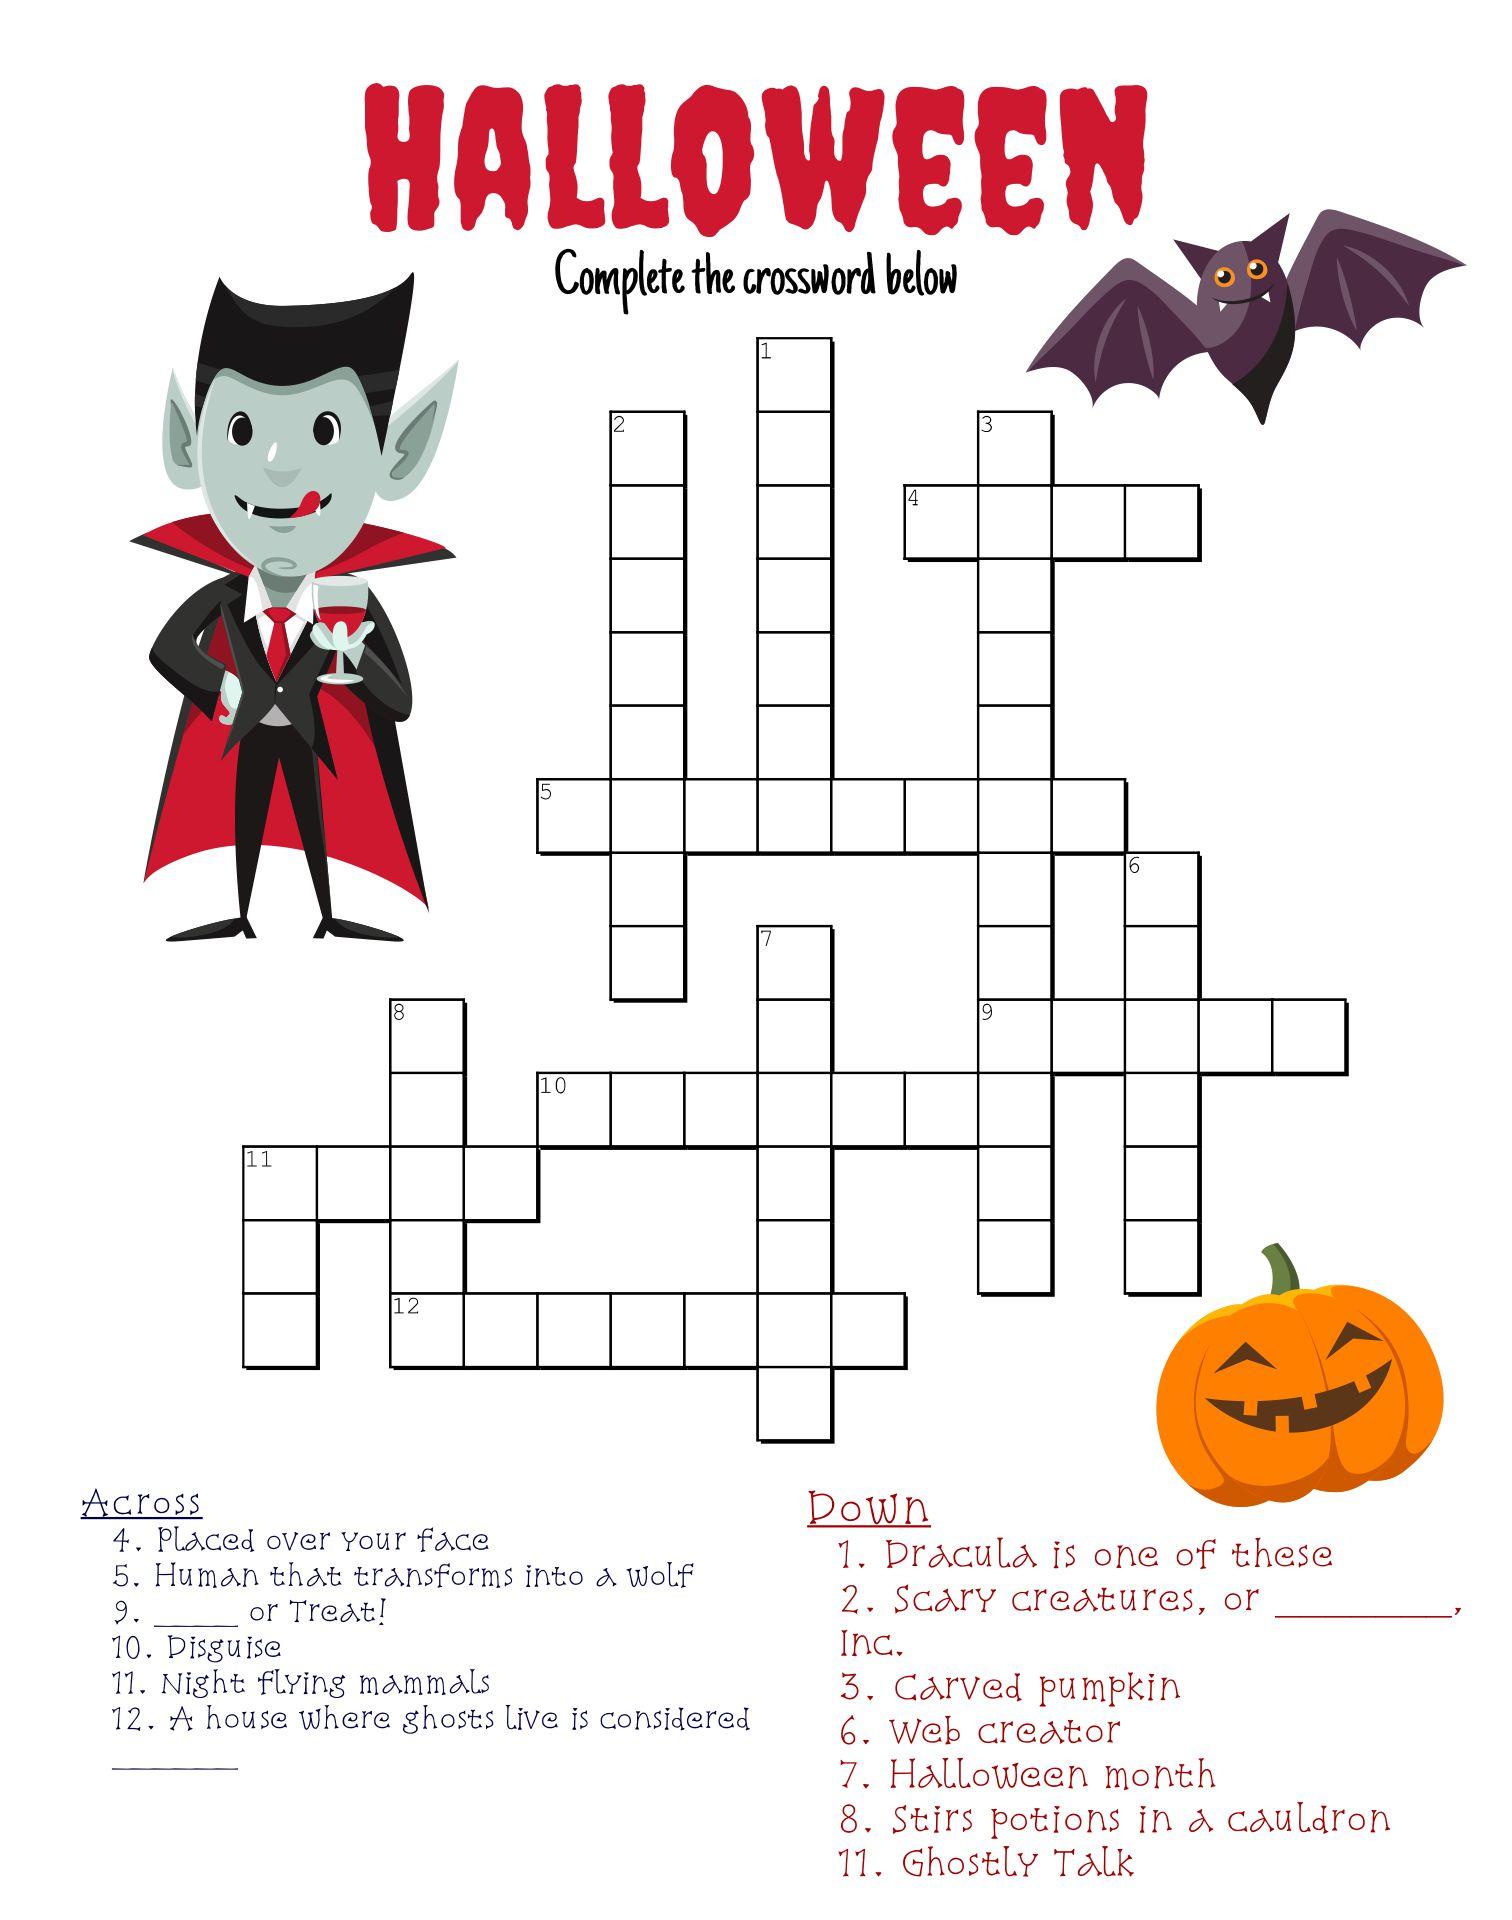 Fun Halloween Crossword Puzzles